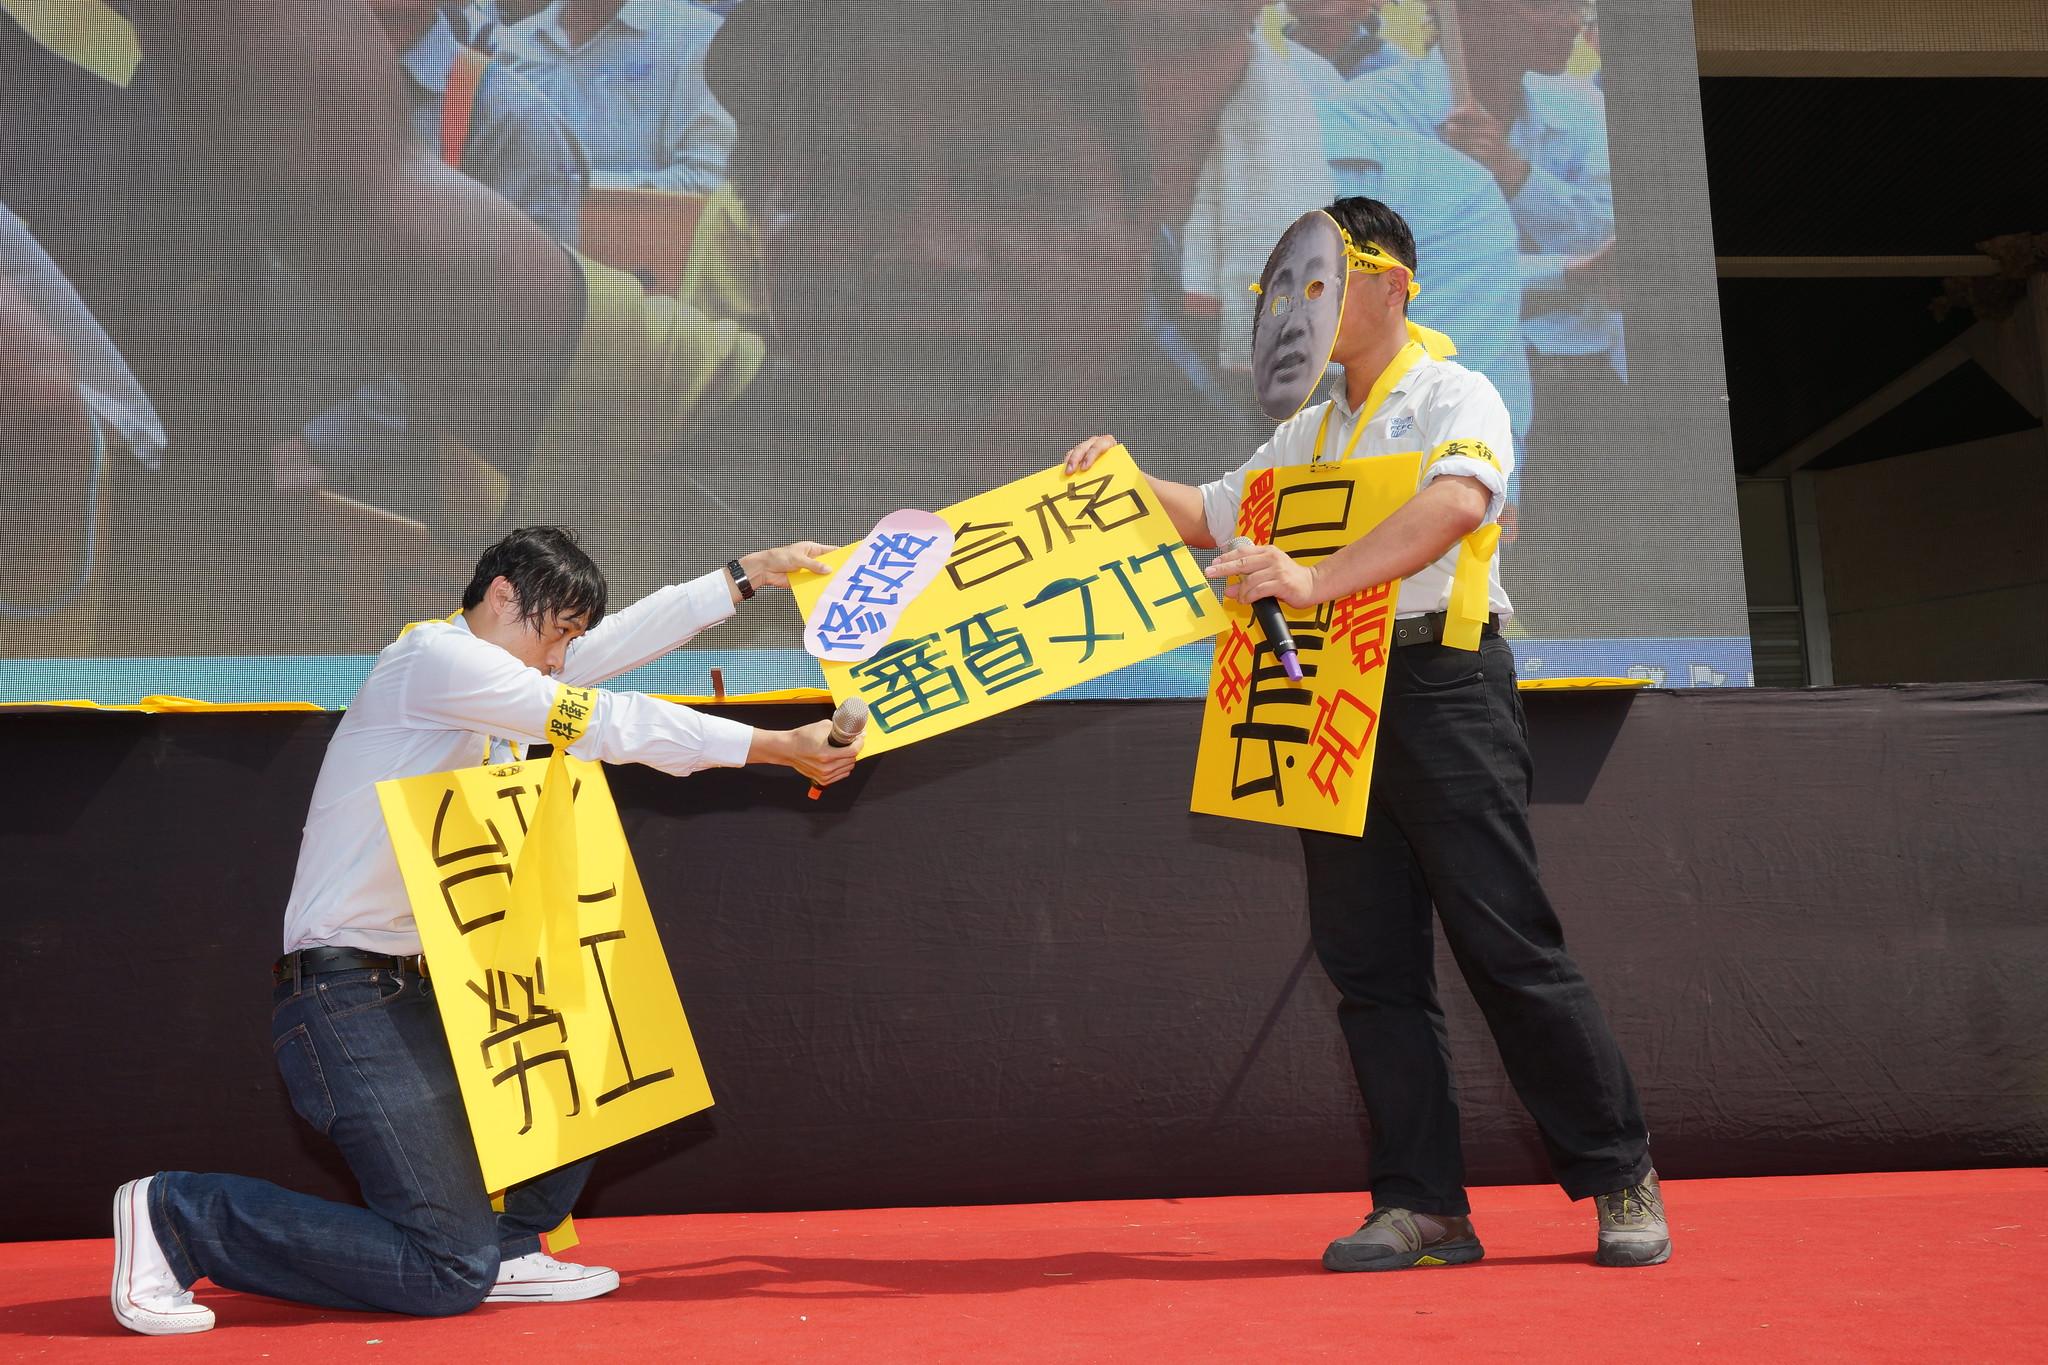 工會演出行動劇指勞工局數度駁回展延申請刻意刁難。(攝影:王顥中)